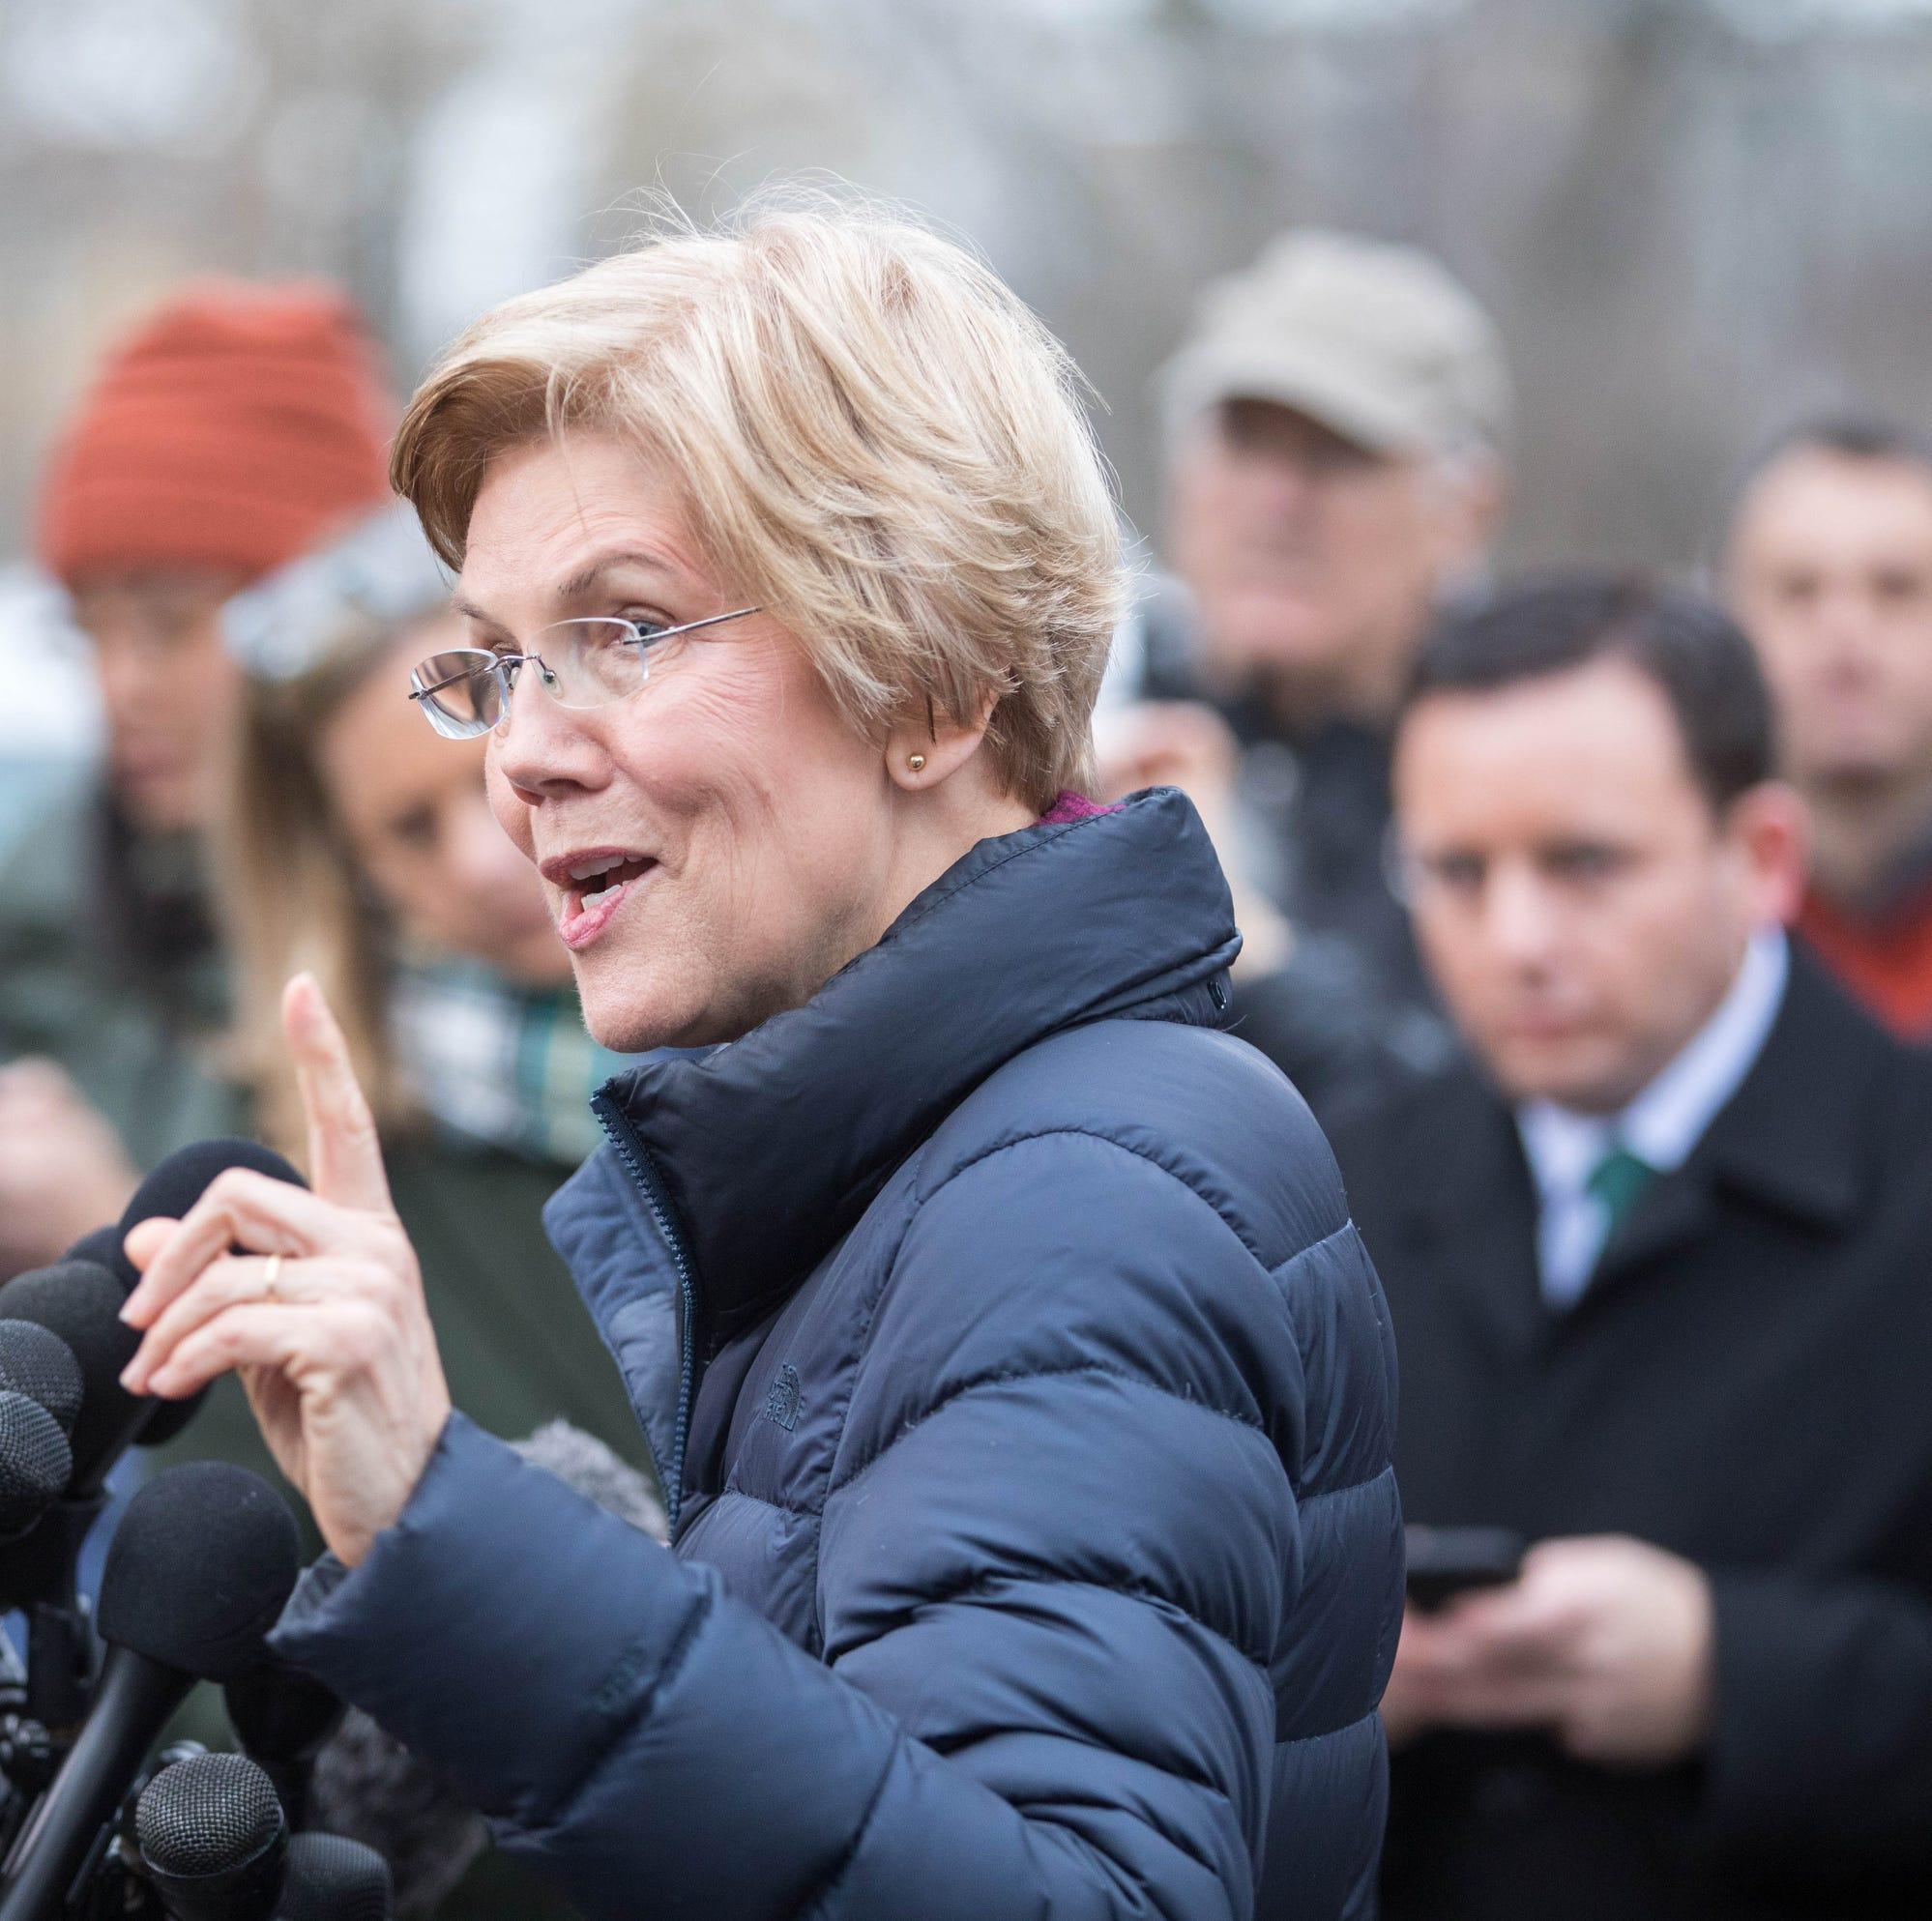 Elizabeth Warren staffs up in Iowa ahead of presumed 2020 presidential run